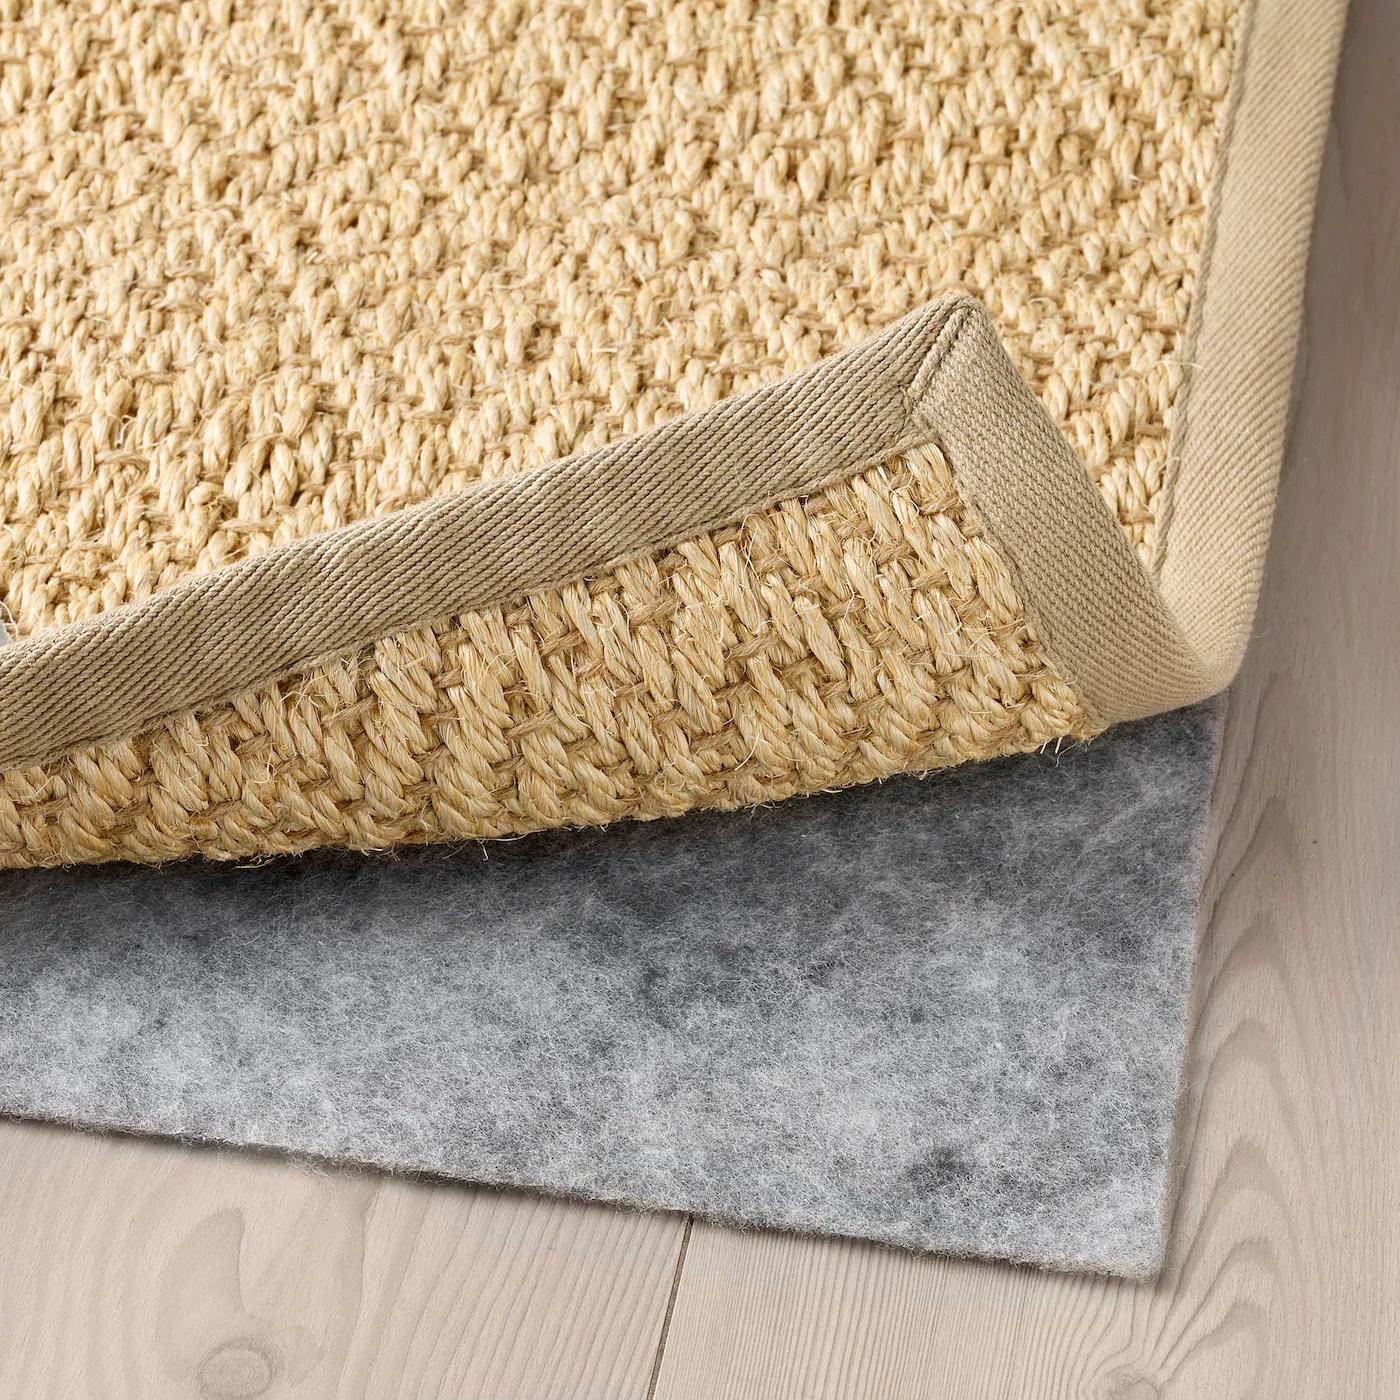 vistoft teppich flach gewebt natur 200x300 cm